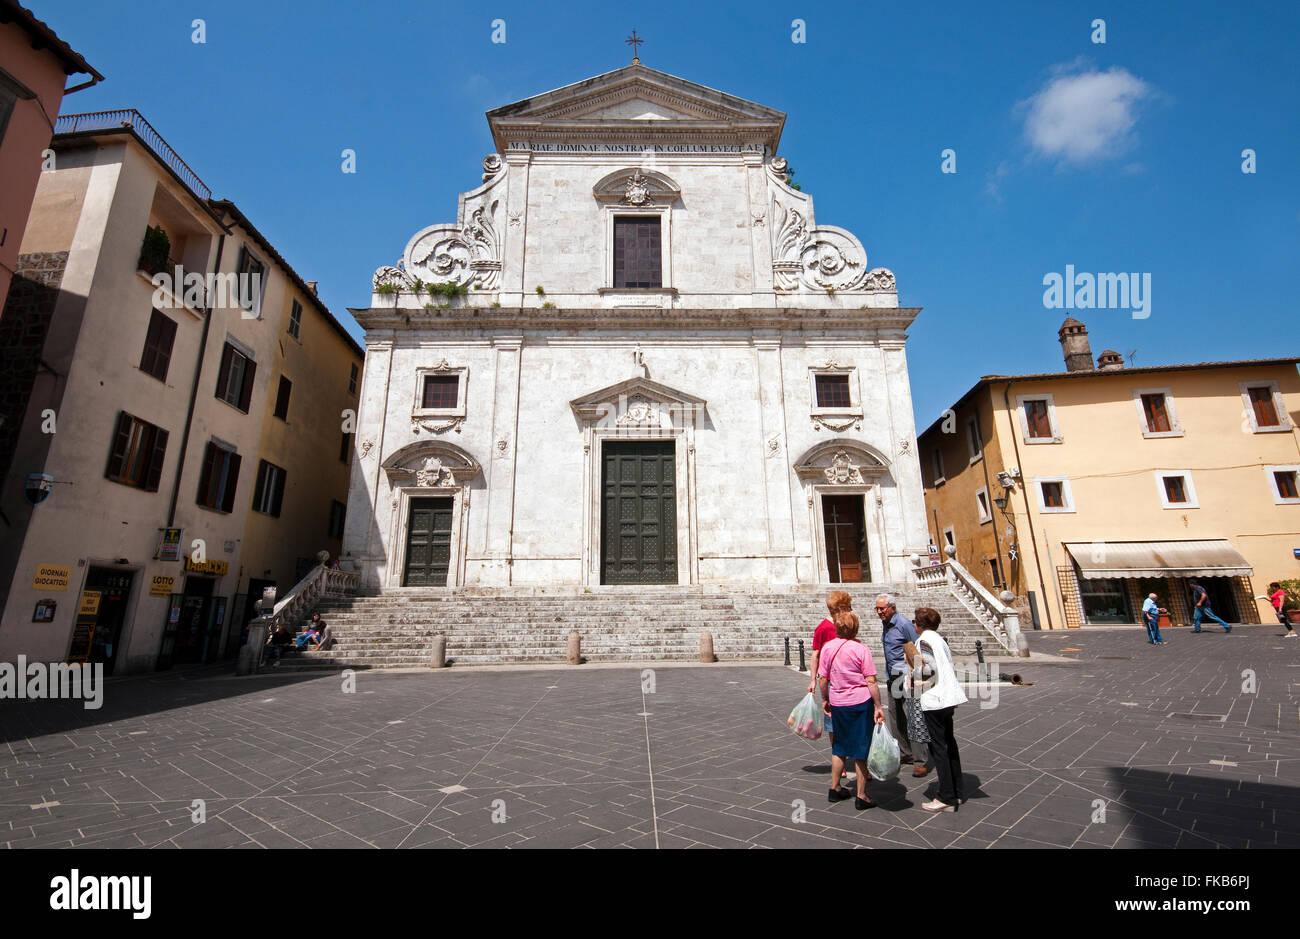 Cathedral of Santa Maria Assunta, Piazza della Libertà, Orte, Lazio, Italy - Stock Image